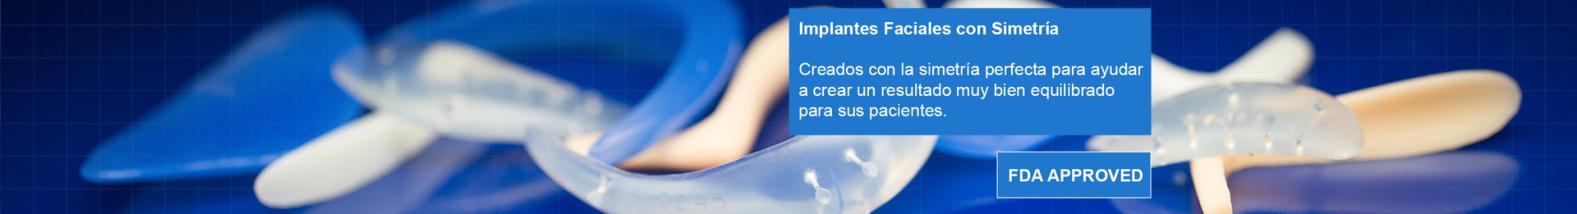 Implantes hanson Medical Ecuador